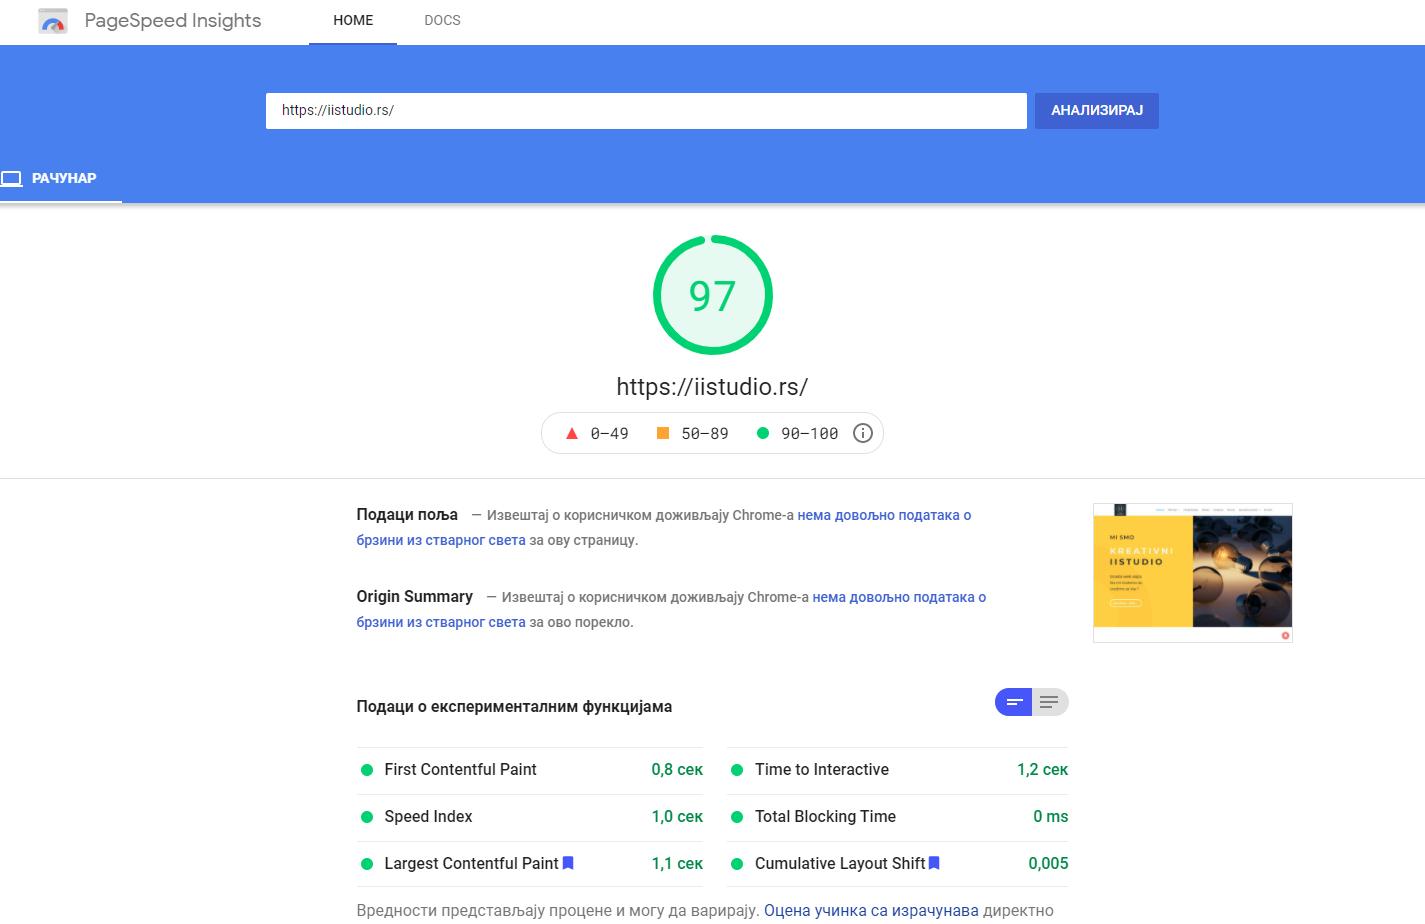 odrzavanje sajtova i google brzina sajta